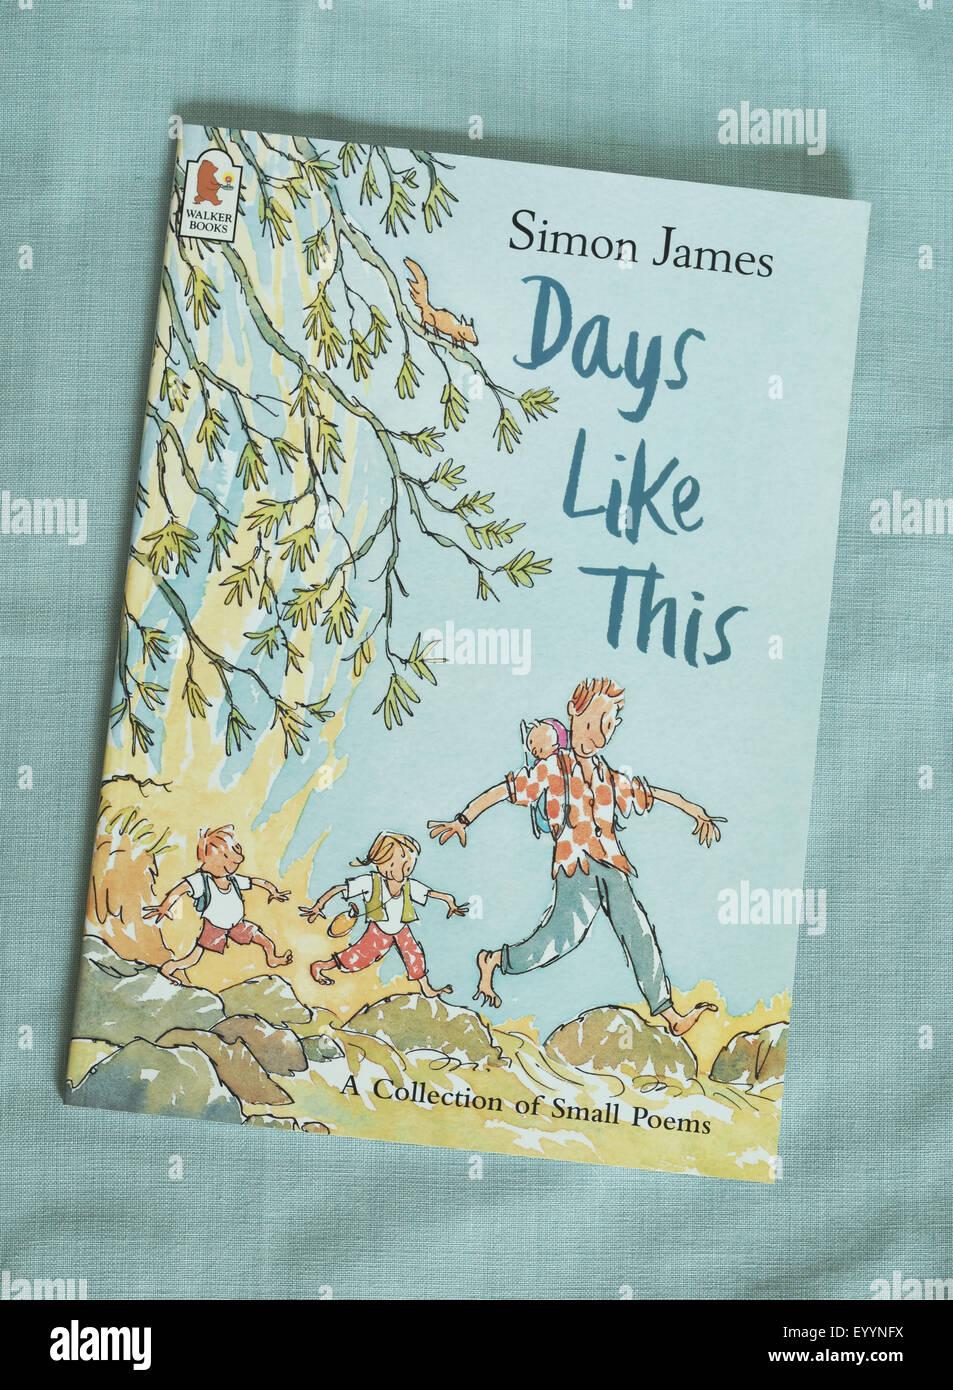 Des jours comme celui-ci - un recueil de poèmes, édité, écrit et illustré par Simon James - convient particulièrement pour les jeunes. Banque D'Images